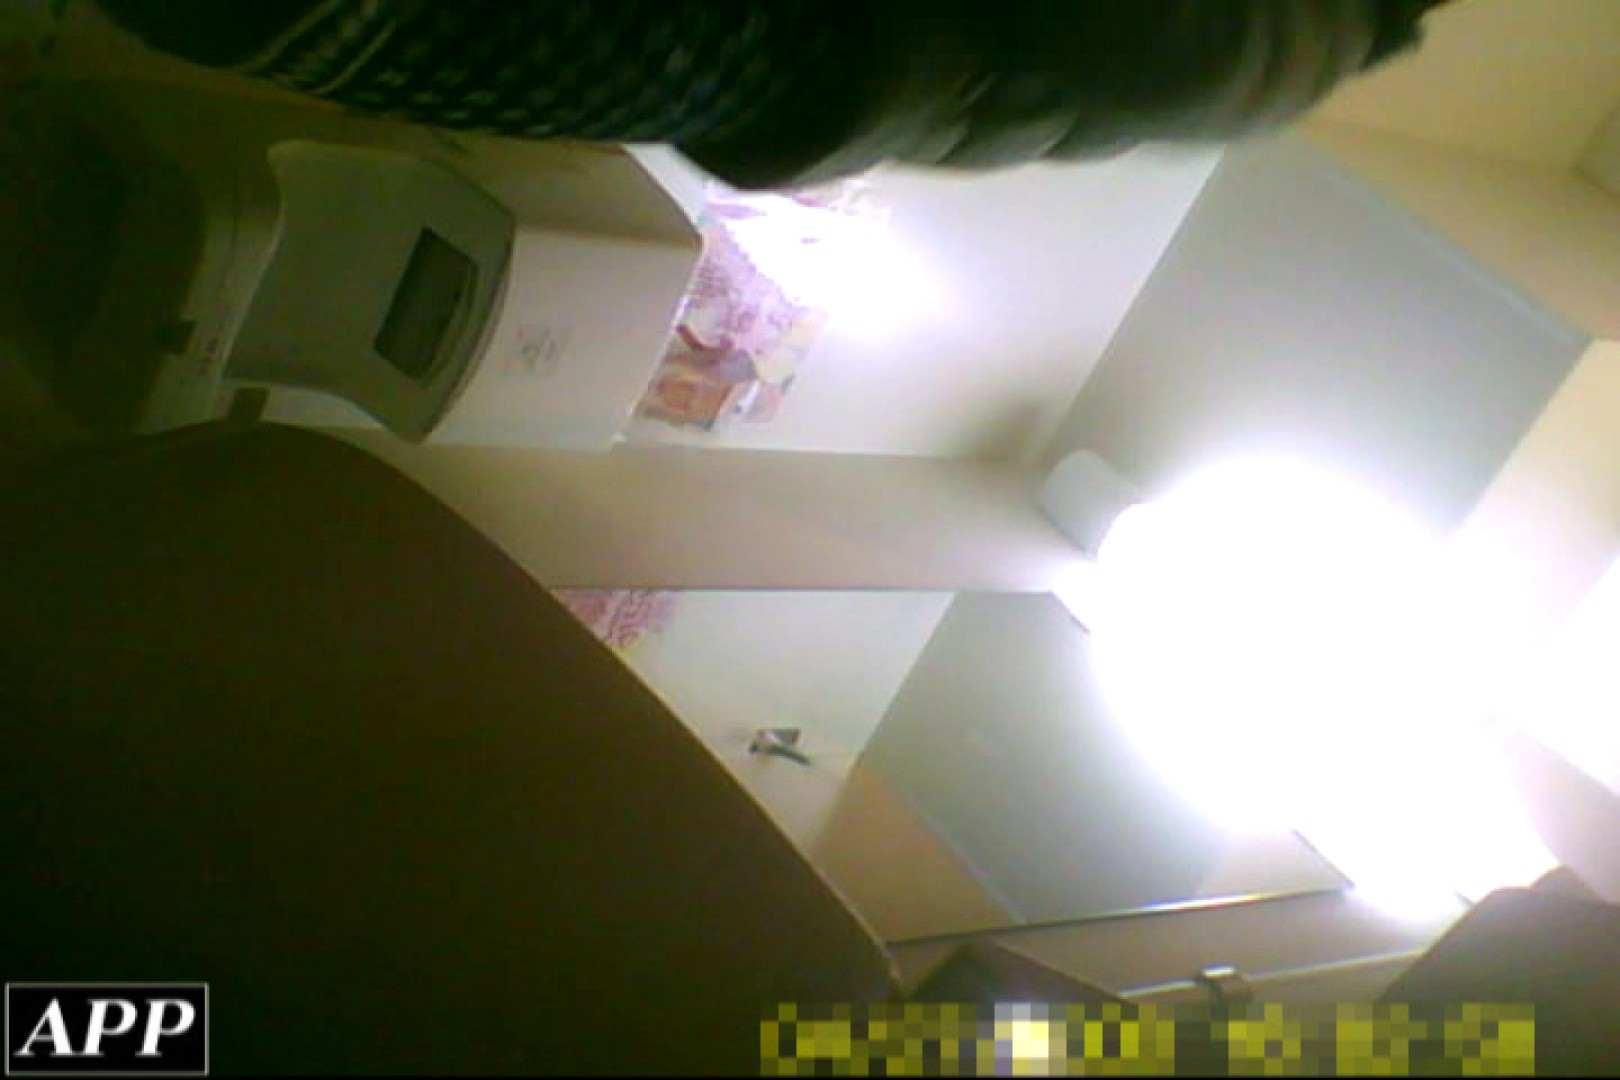 3視点洗面所 vol.033 エロティックなOL | 洗面所はめどり  65画像 19